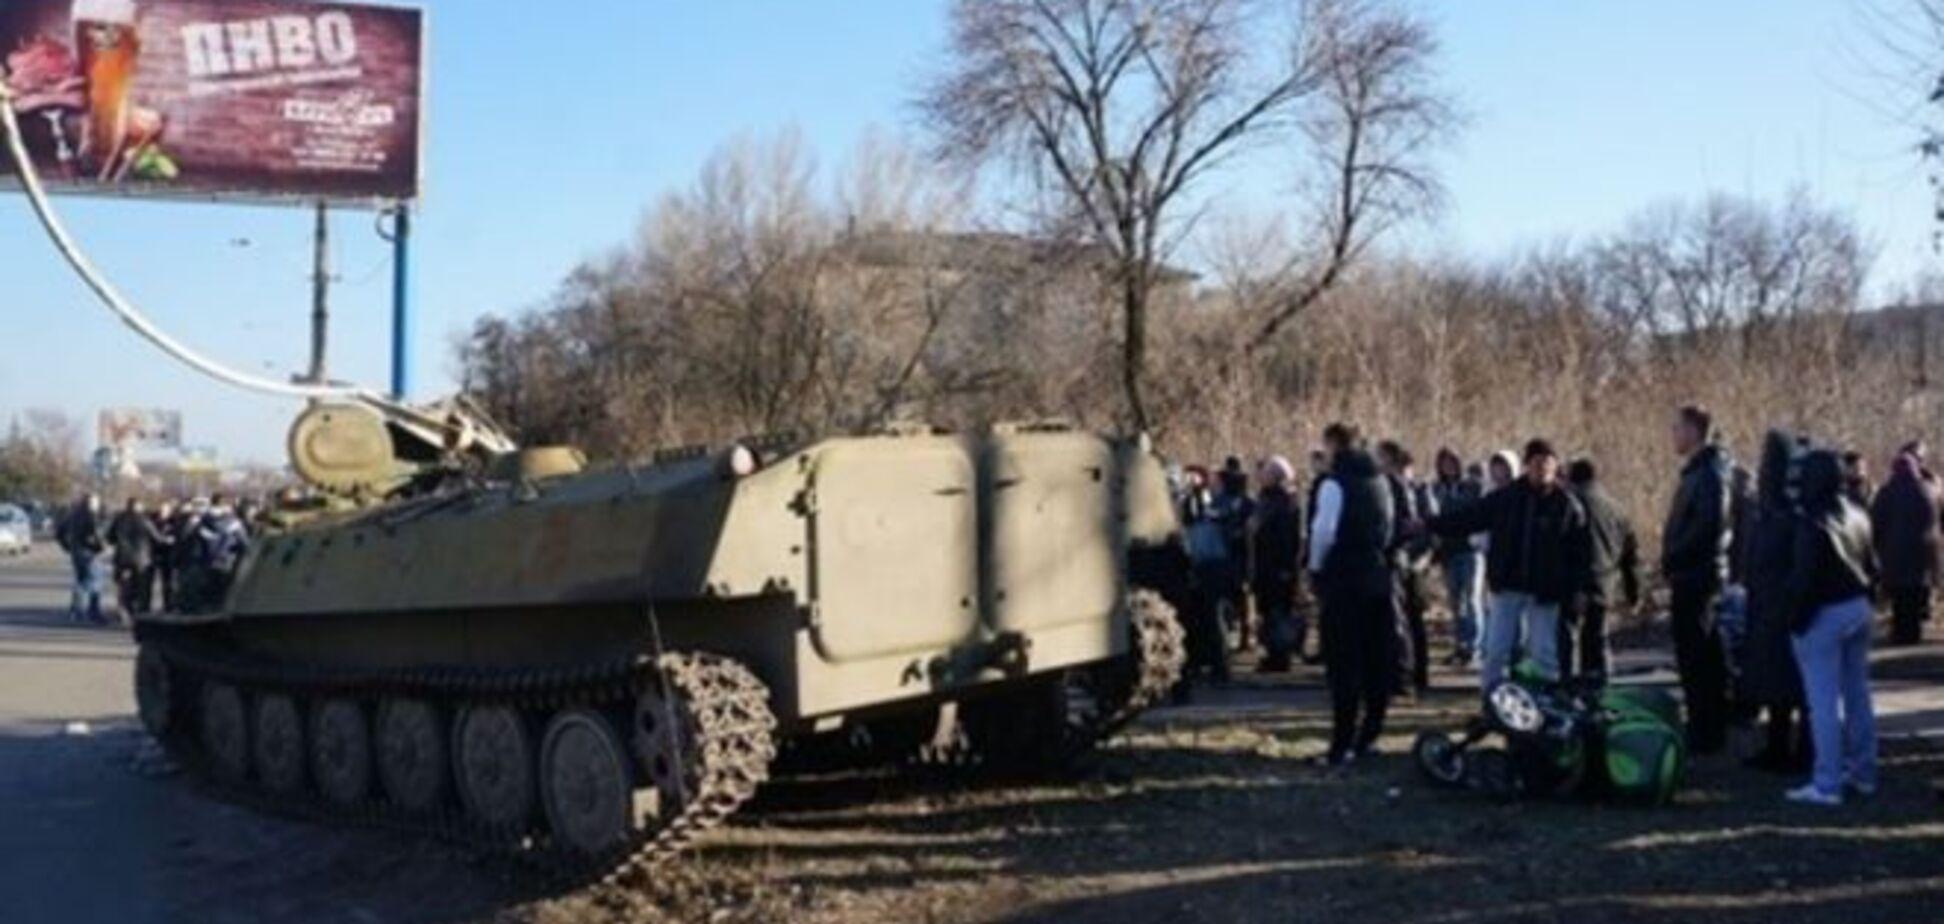 Виновника ДТП в Константиновке отпустили под залог в 60 тыс. грн